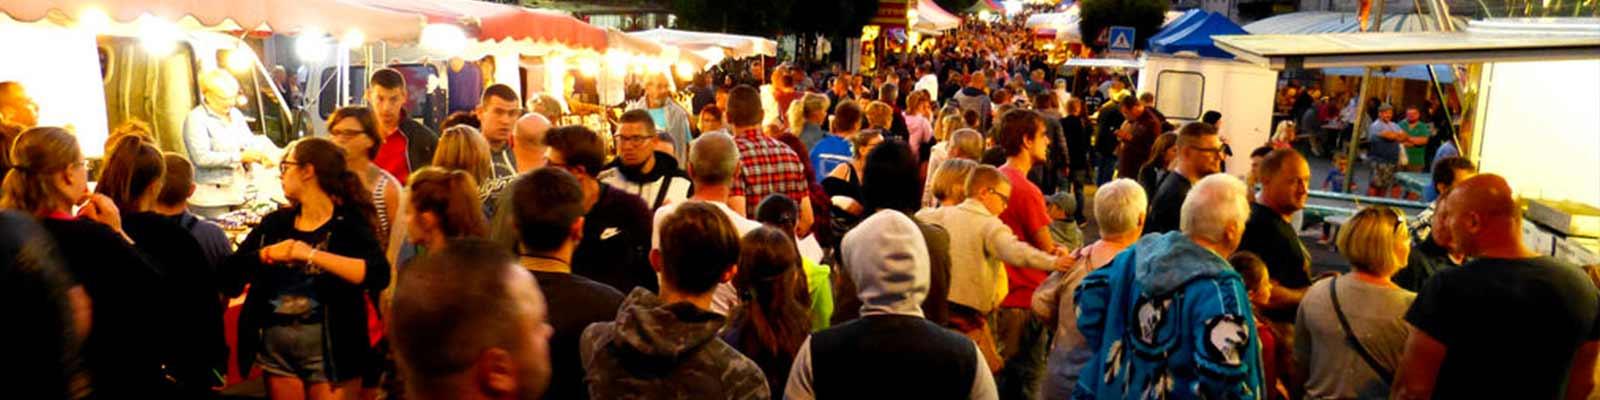 Les marchés nocturnes dans les Landes